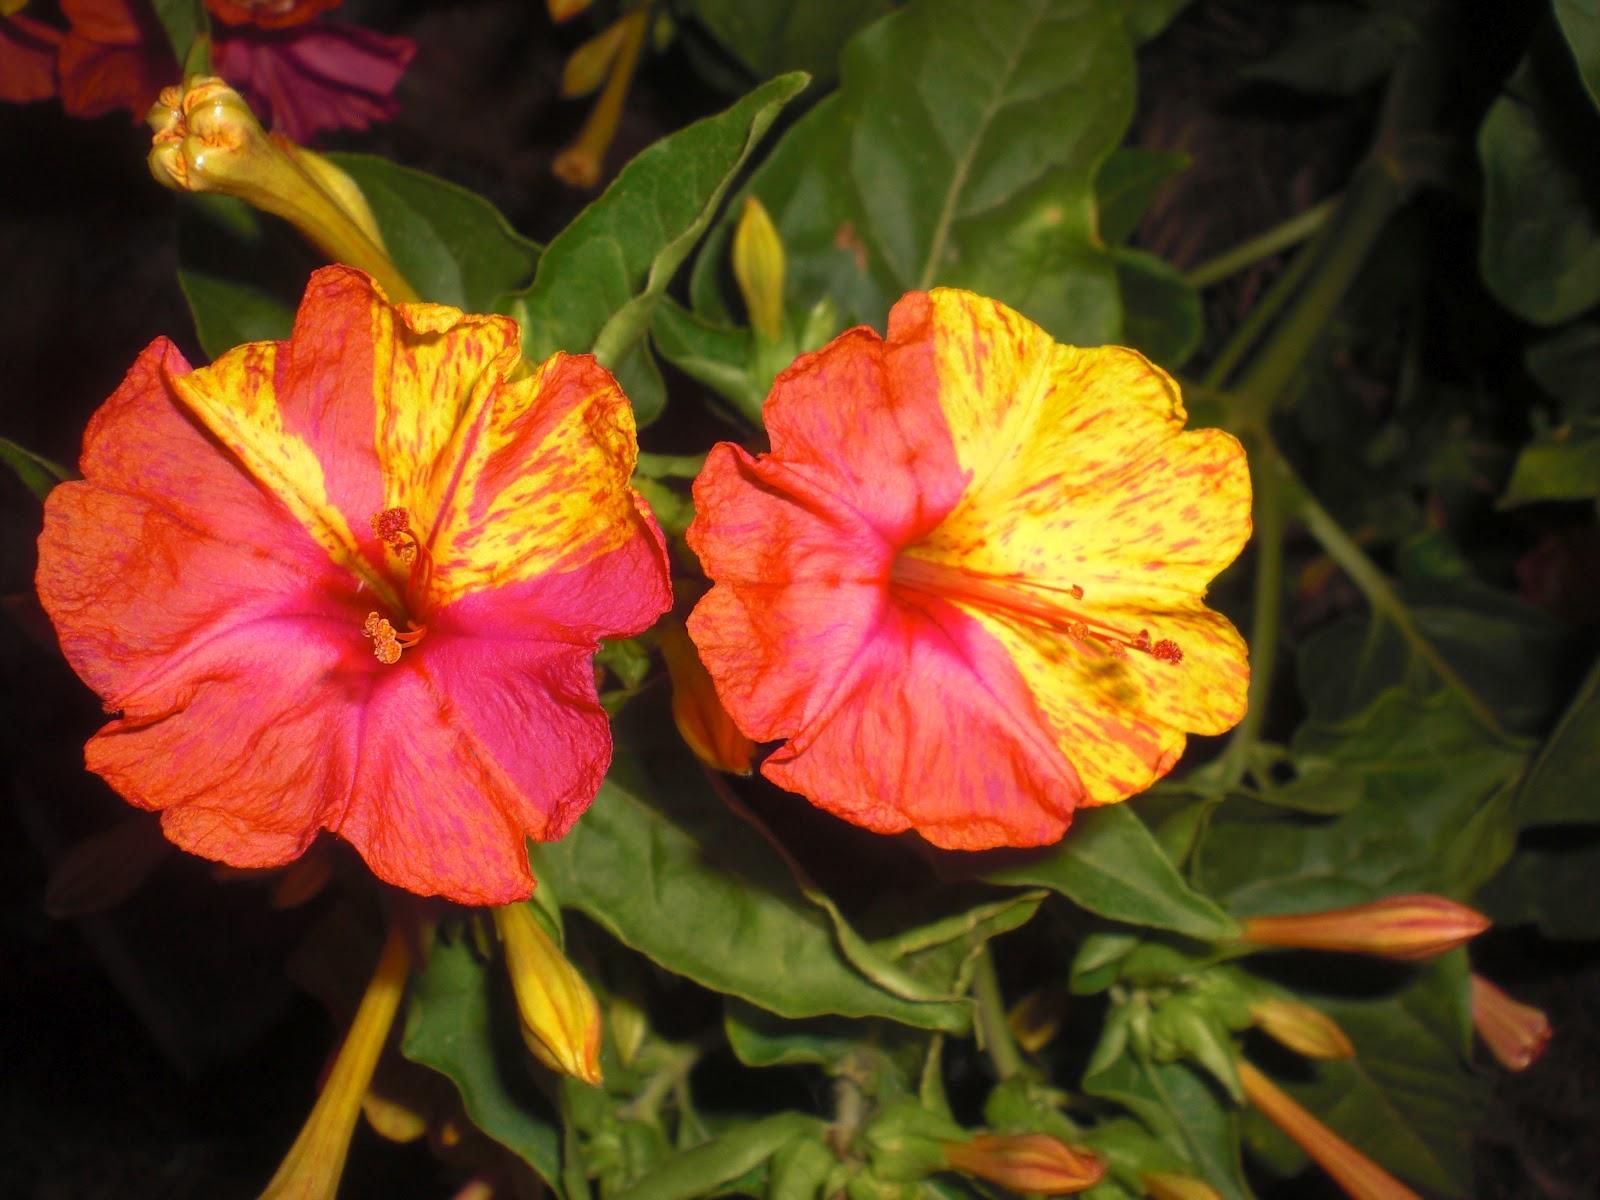 Imagenes De Flores De Varios Colores - Fotos de las flores de la Vicaria o Catharanthus roseus